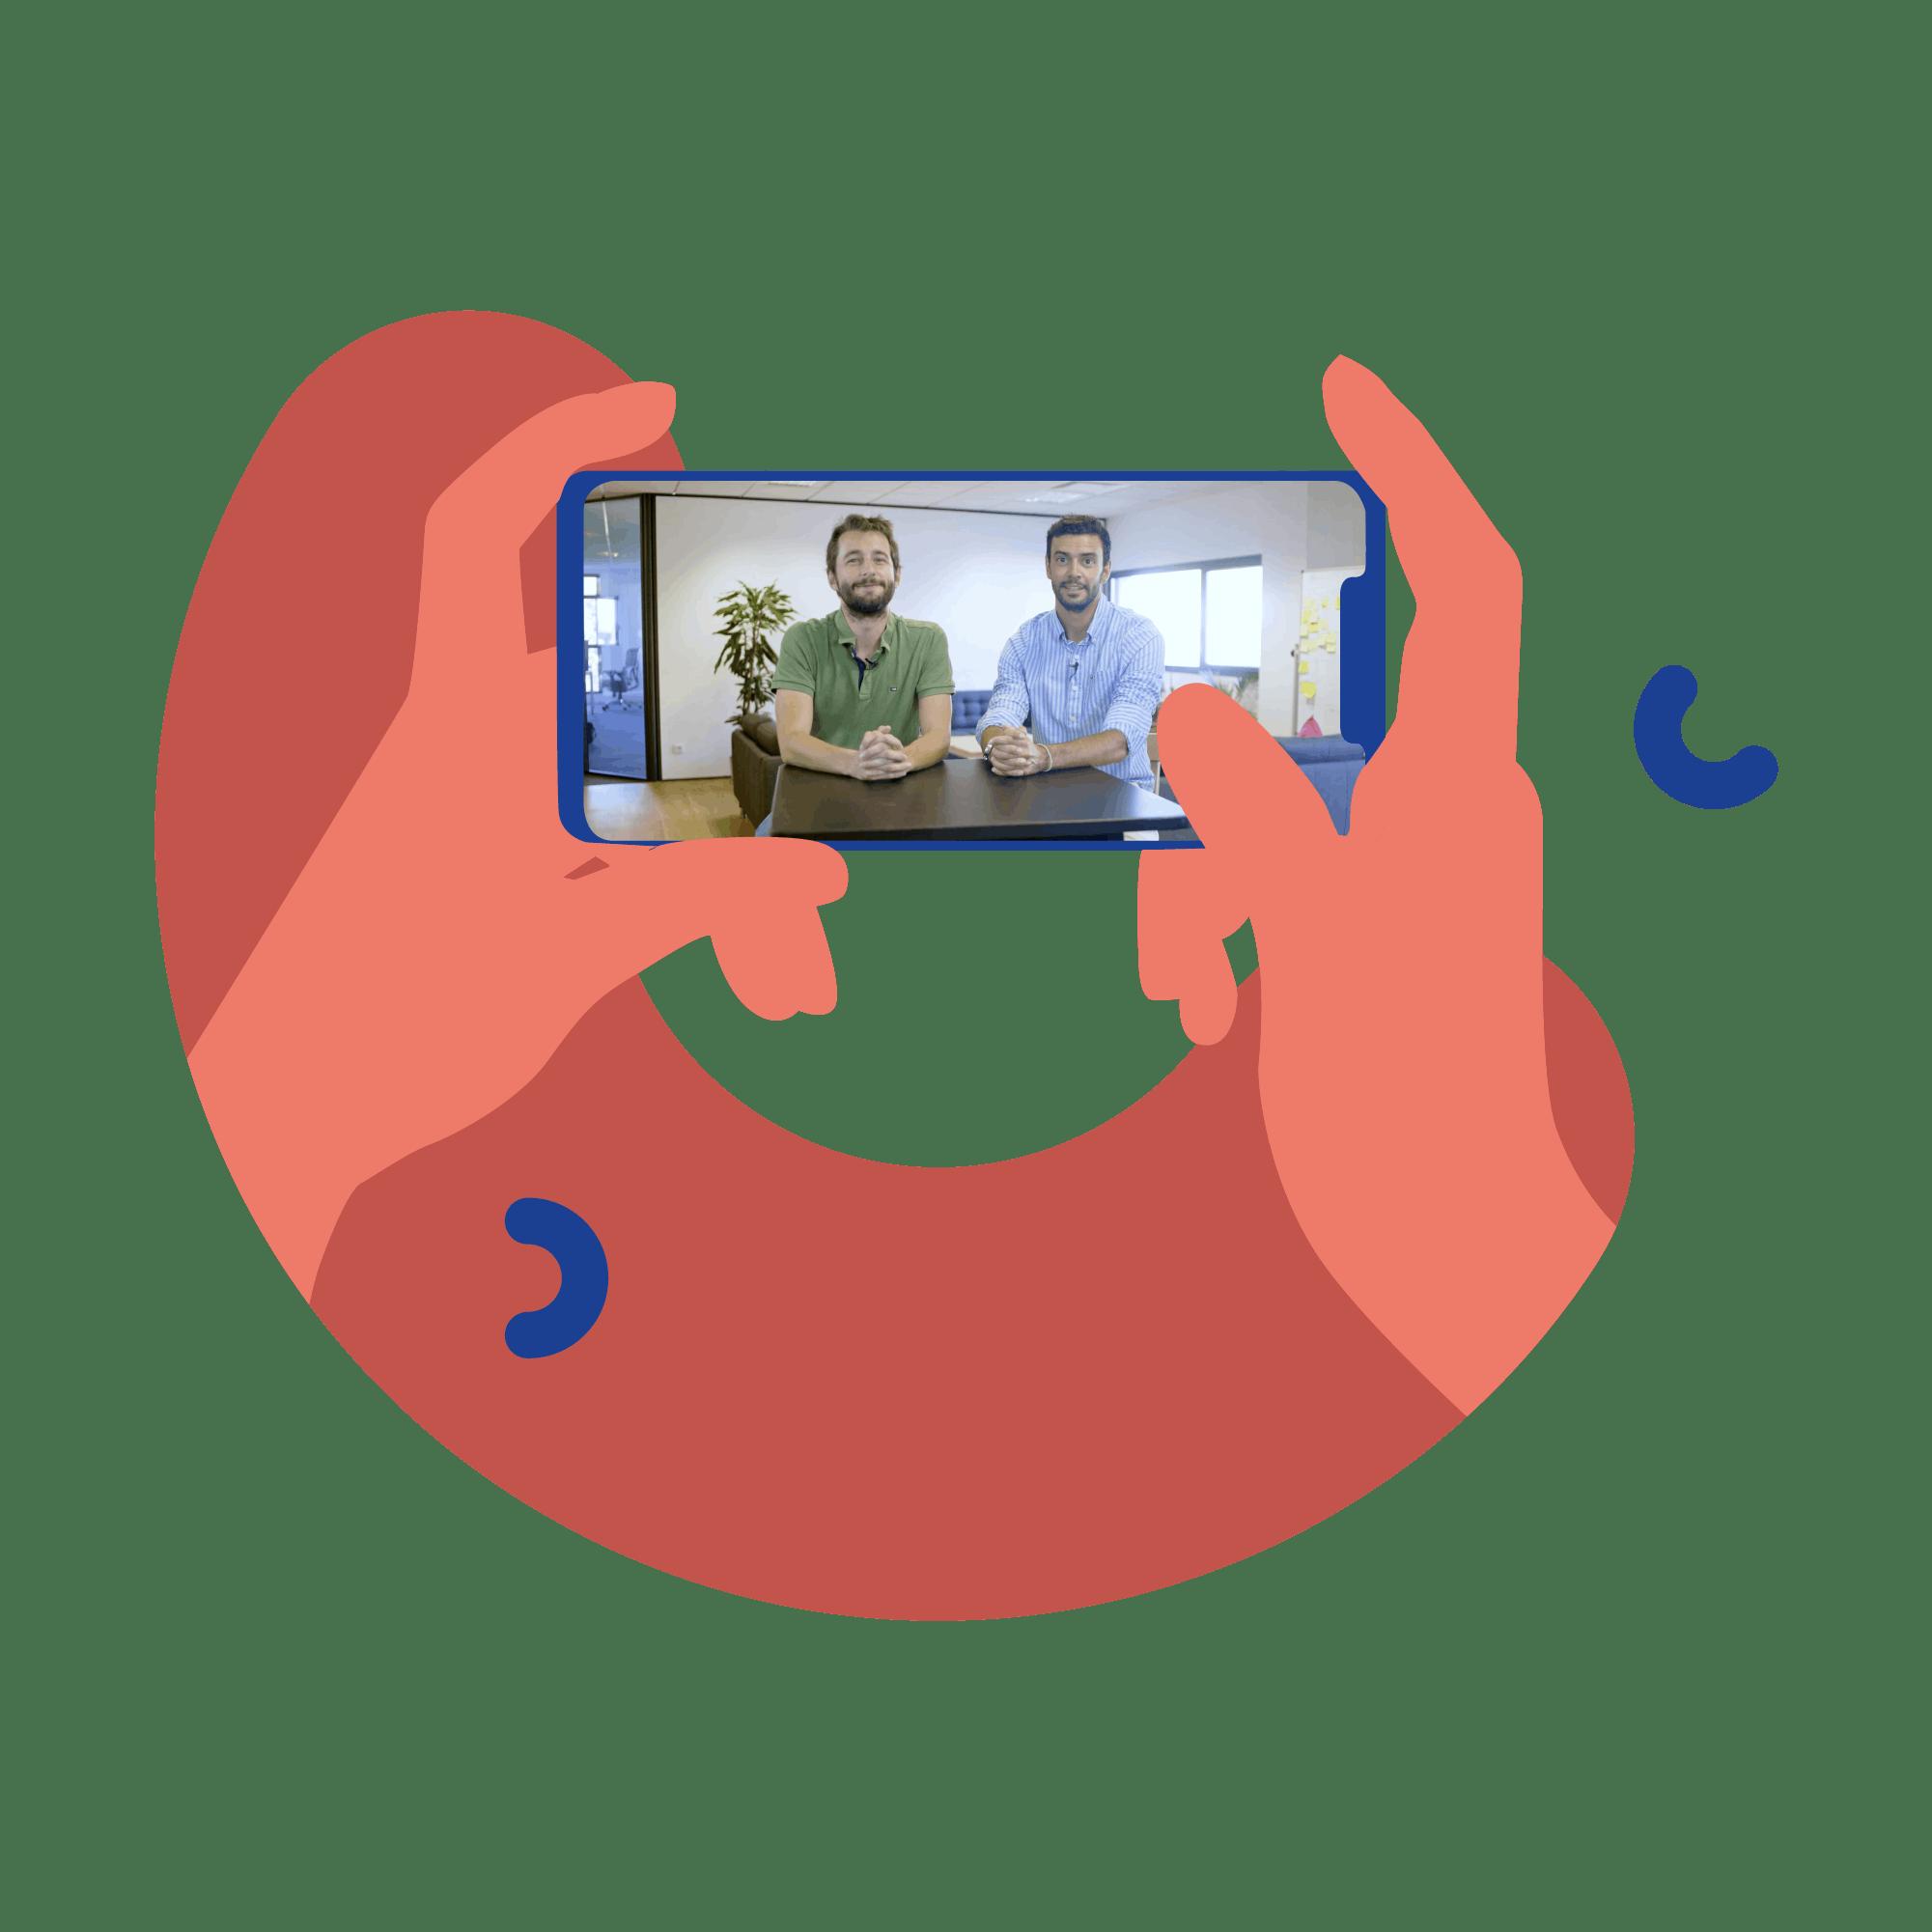 Ilustração de telemóvel com imagem dos fundadores da Shopopop